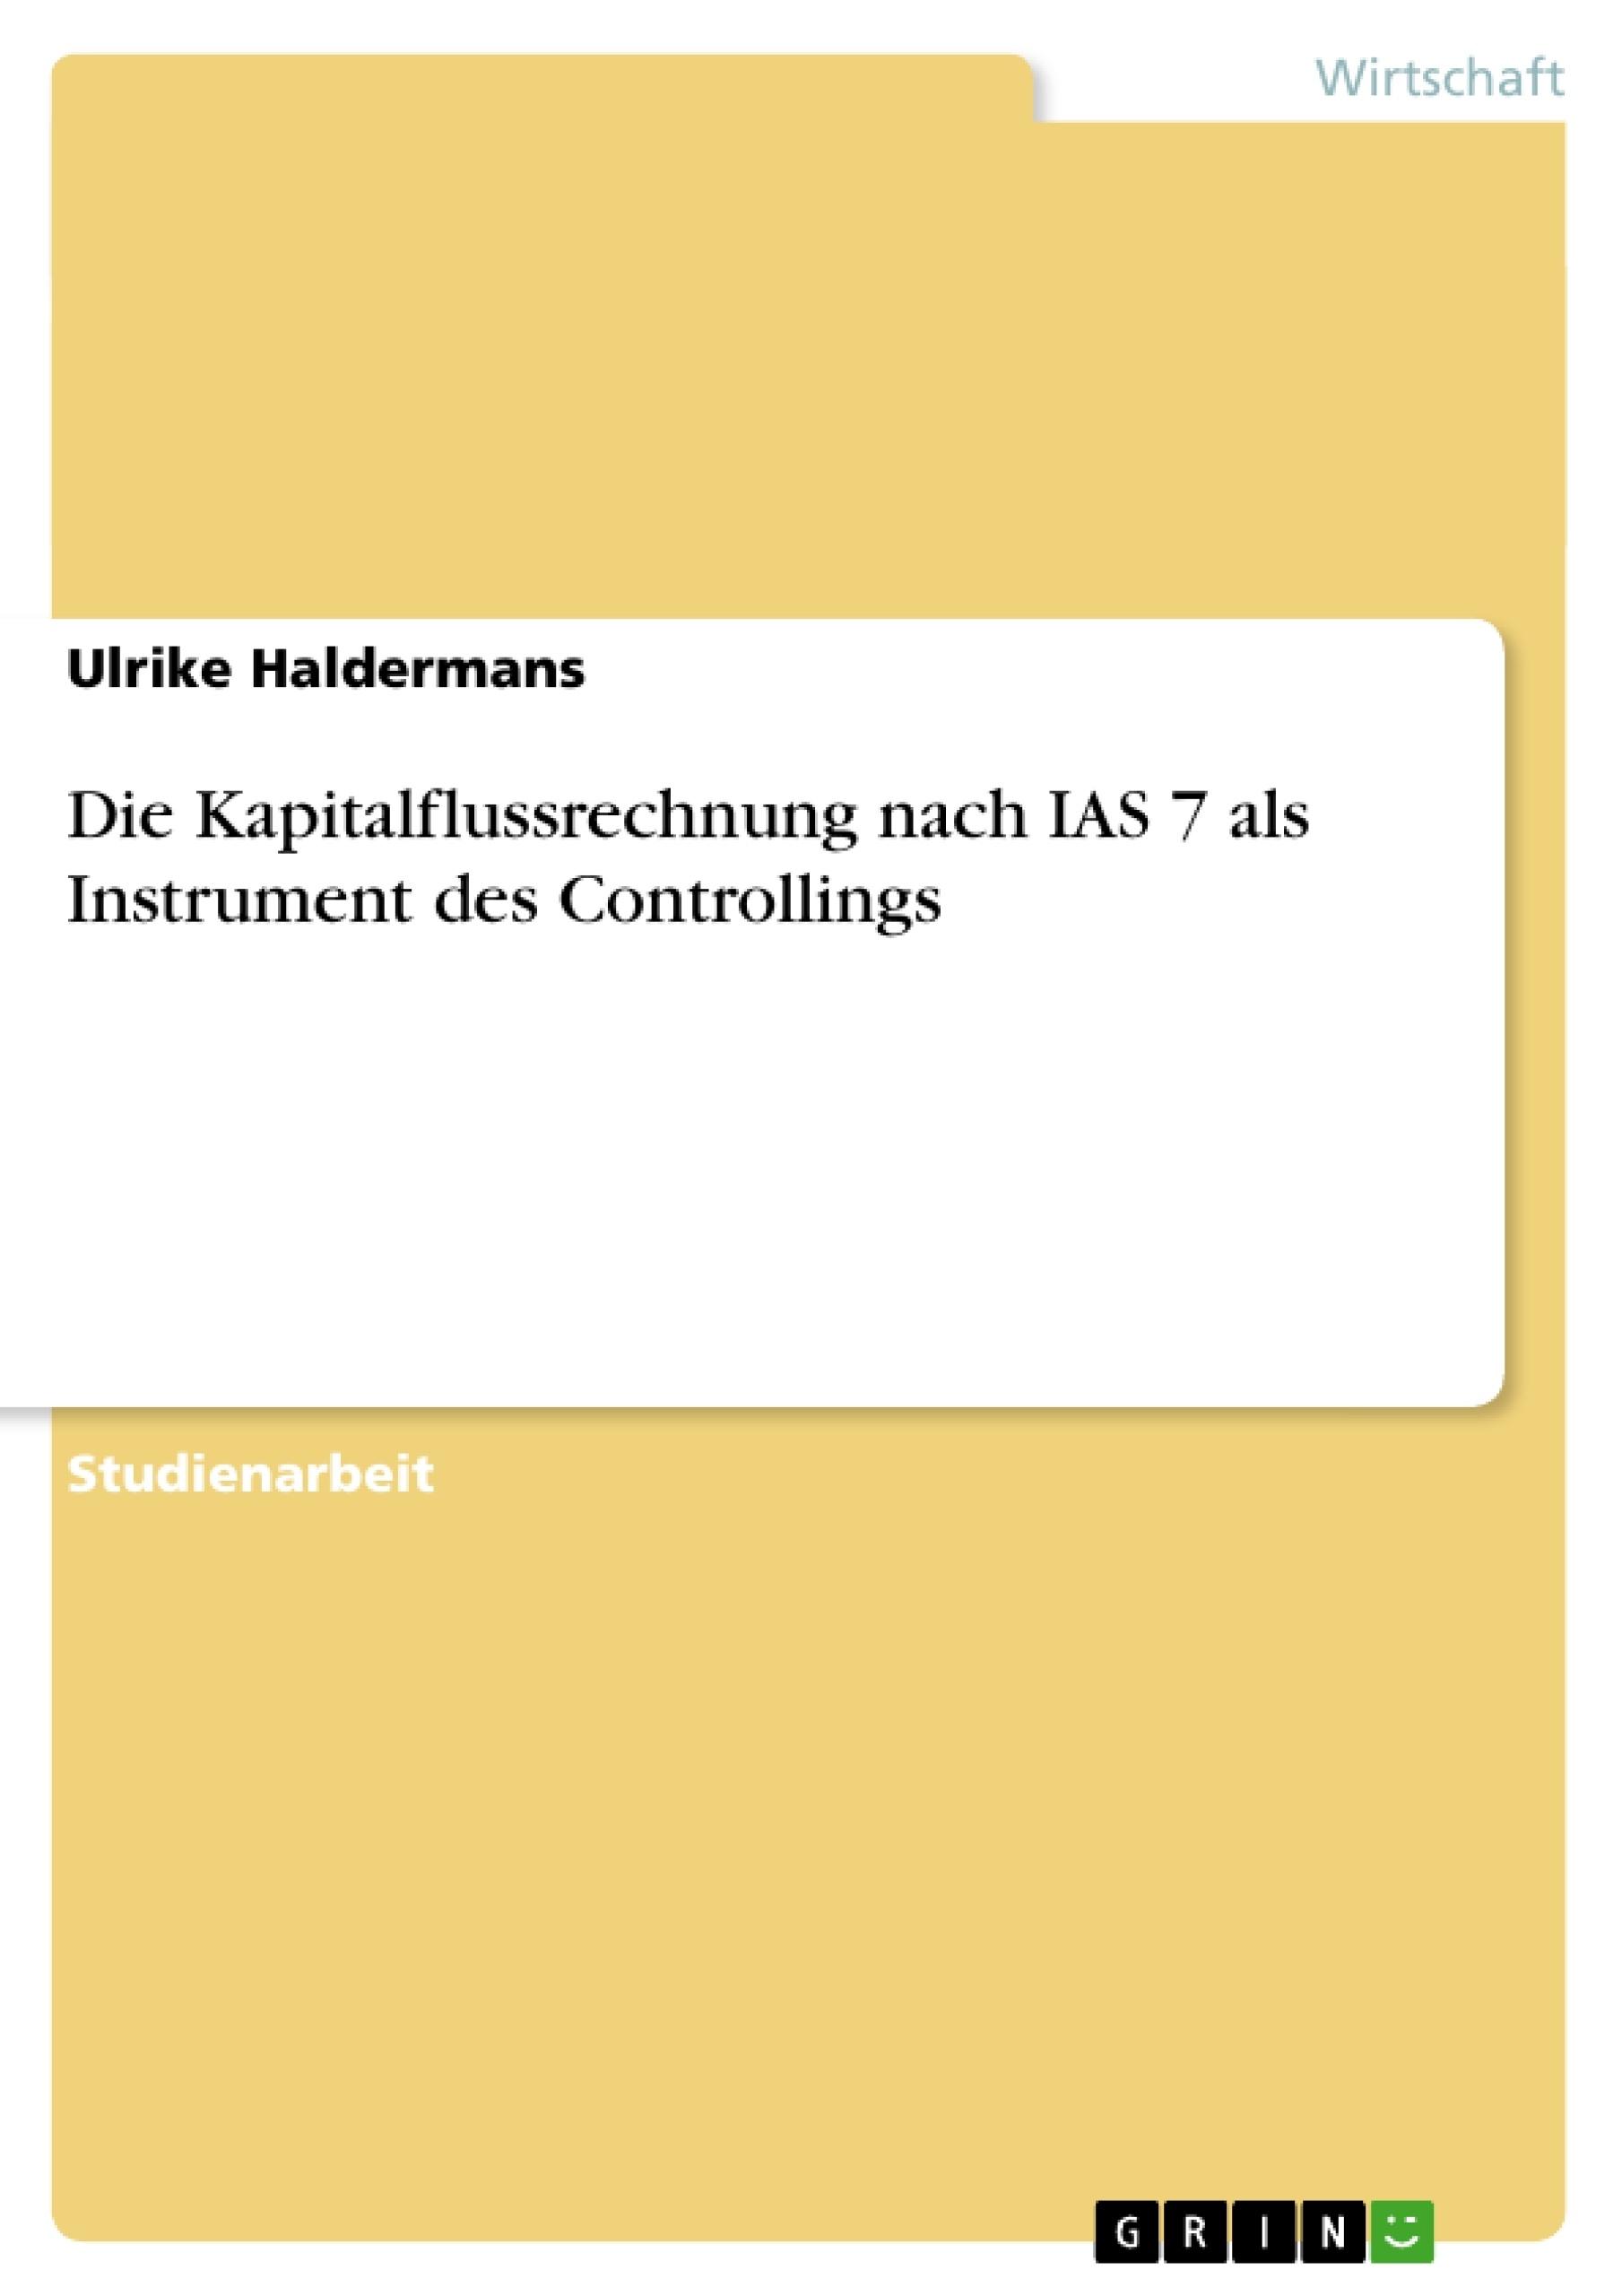 Titel: Die Kapitalflussrechnung nach IAS 7 als Instrument des Controllings